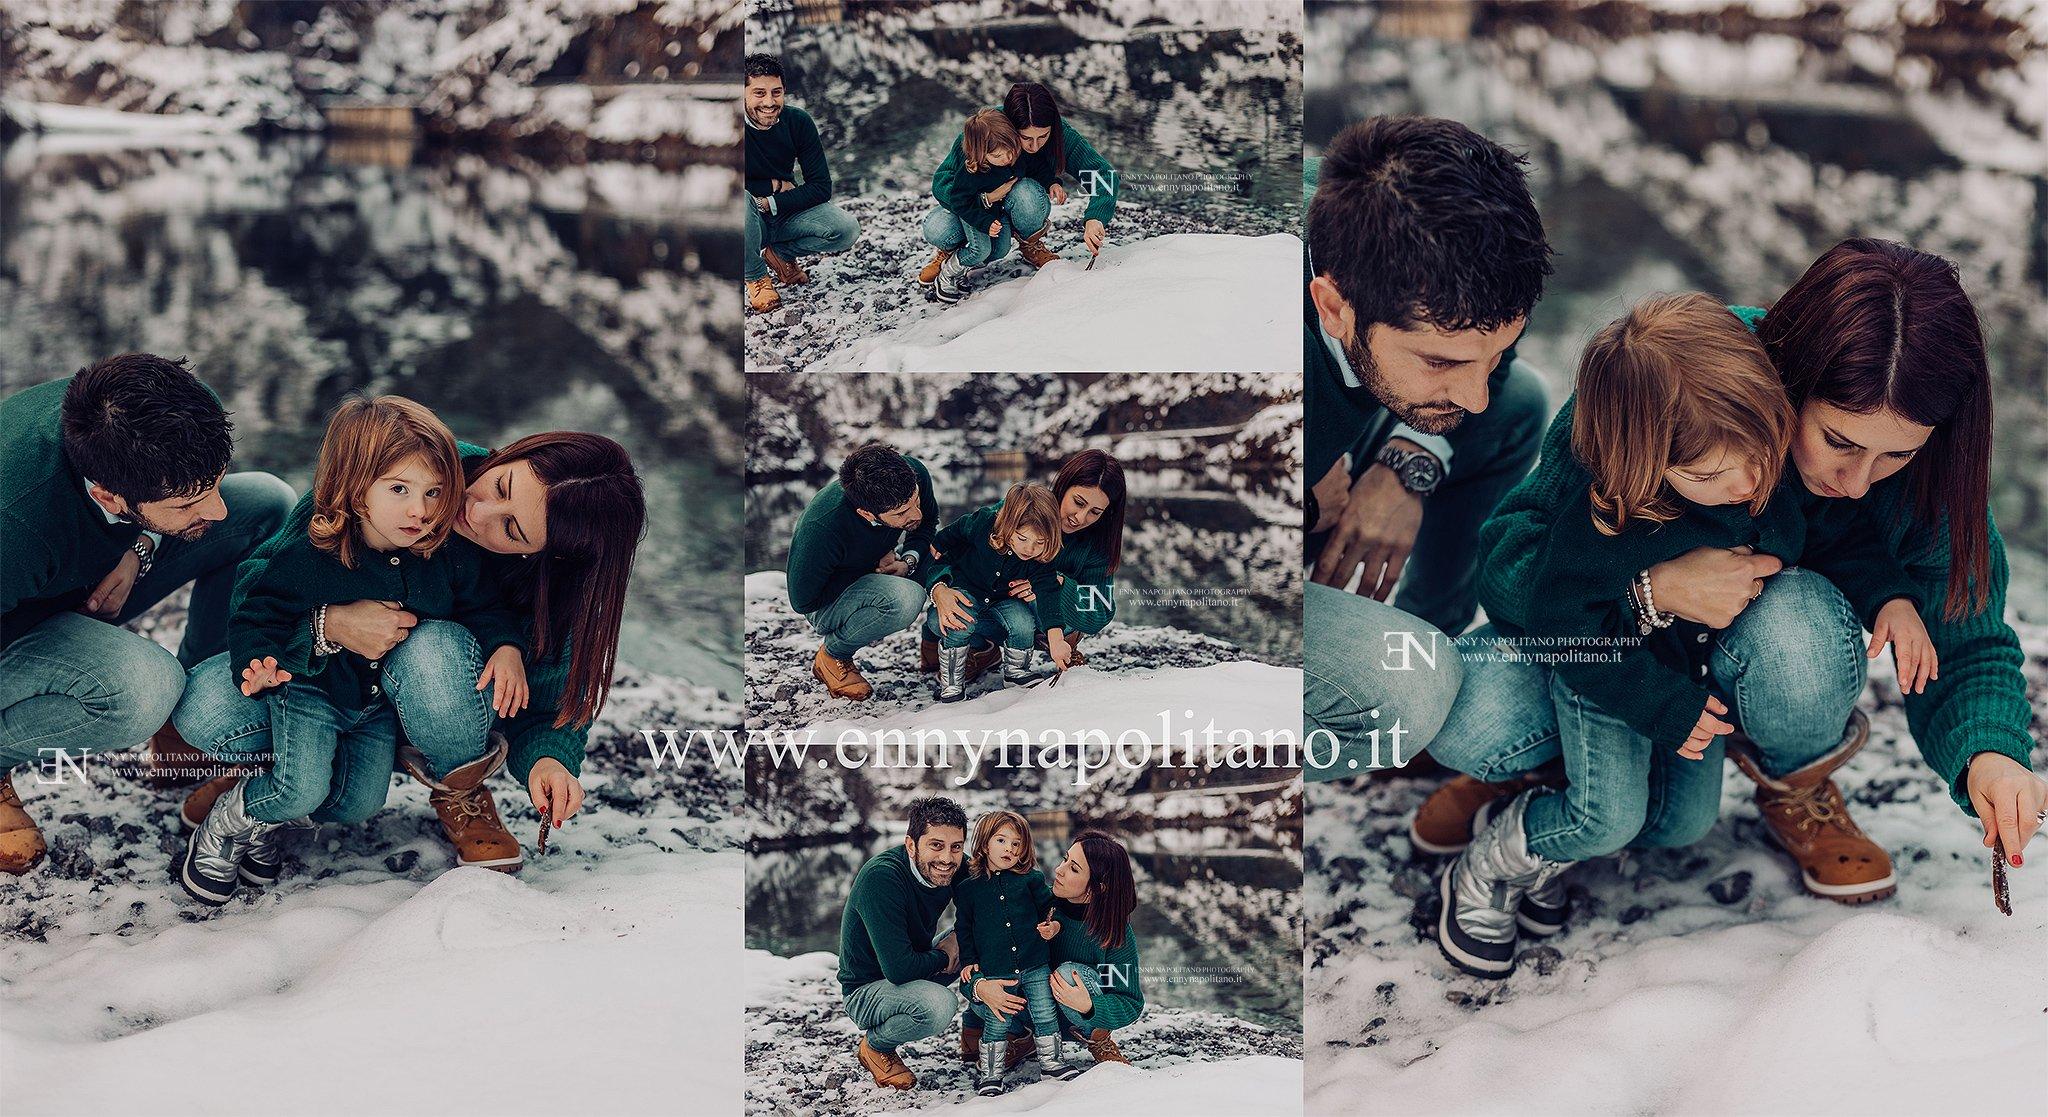 servizio fotografico famiglia esterna spontanea